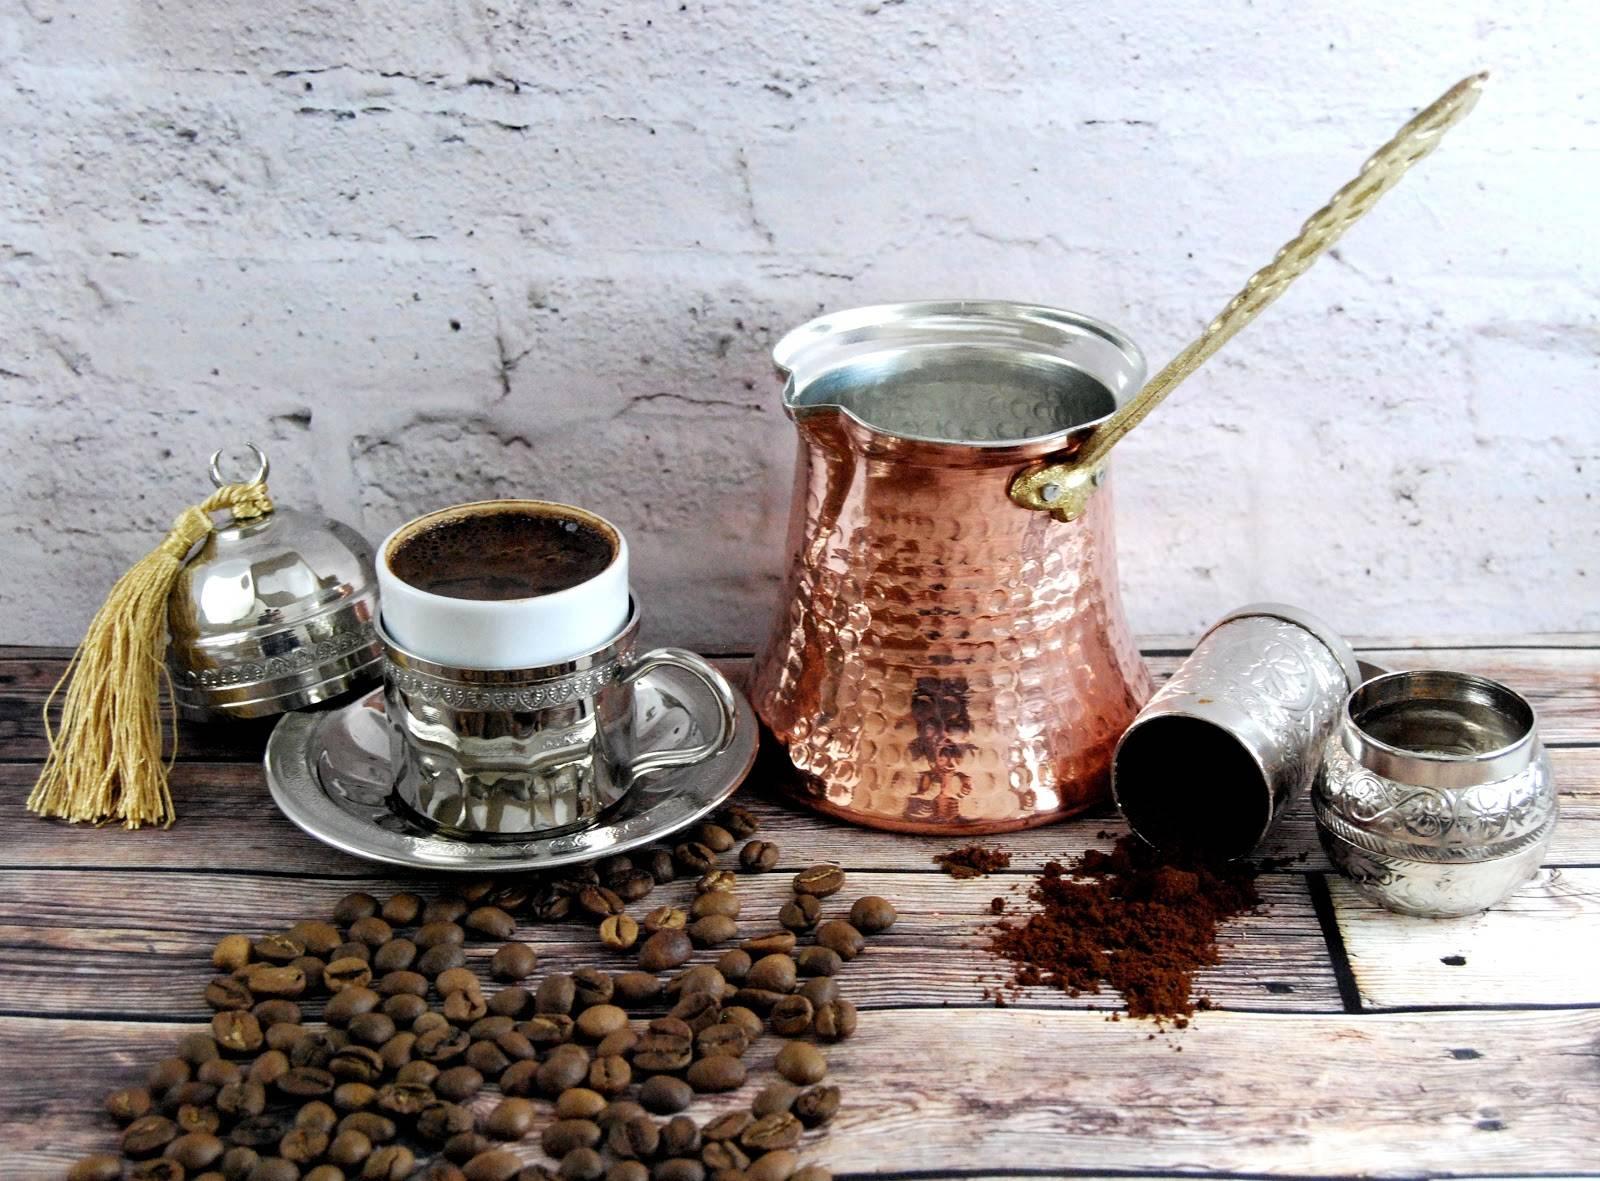 як правильно заварювати каву в турці